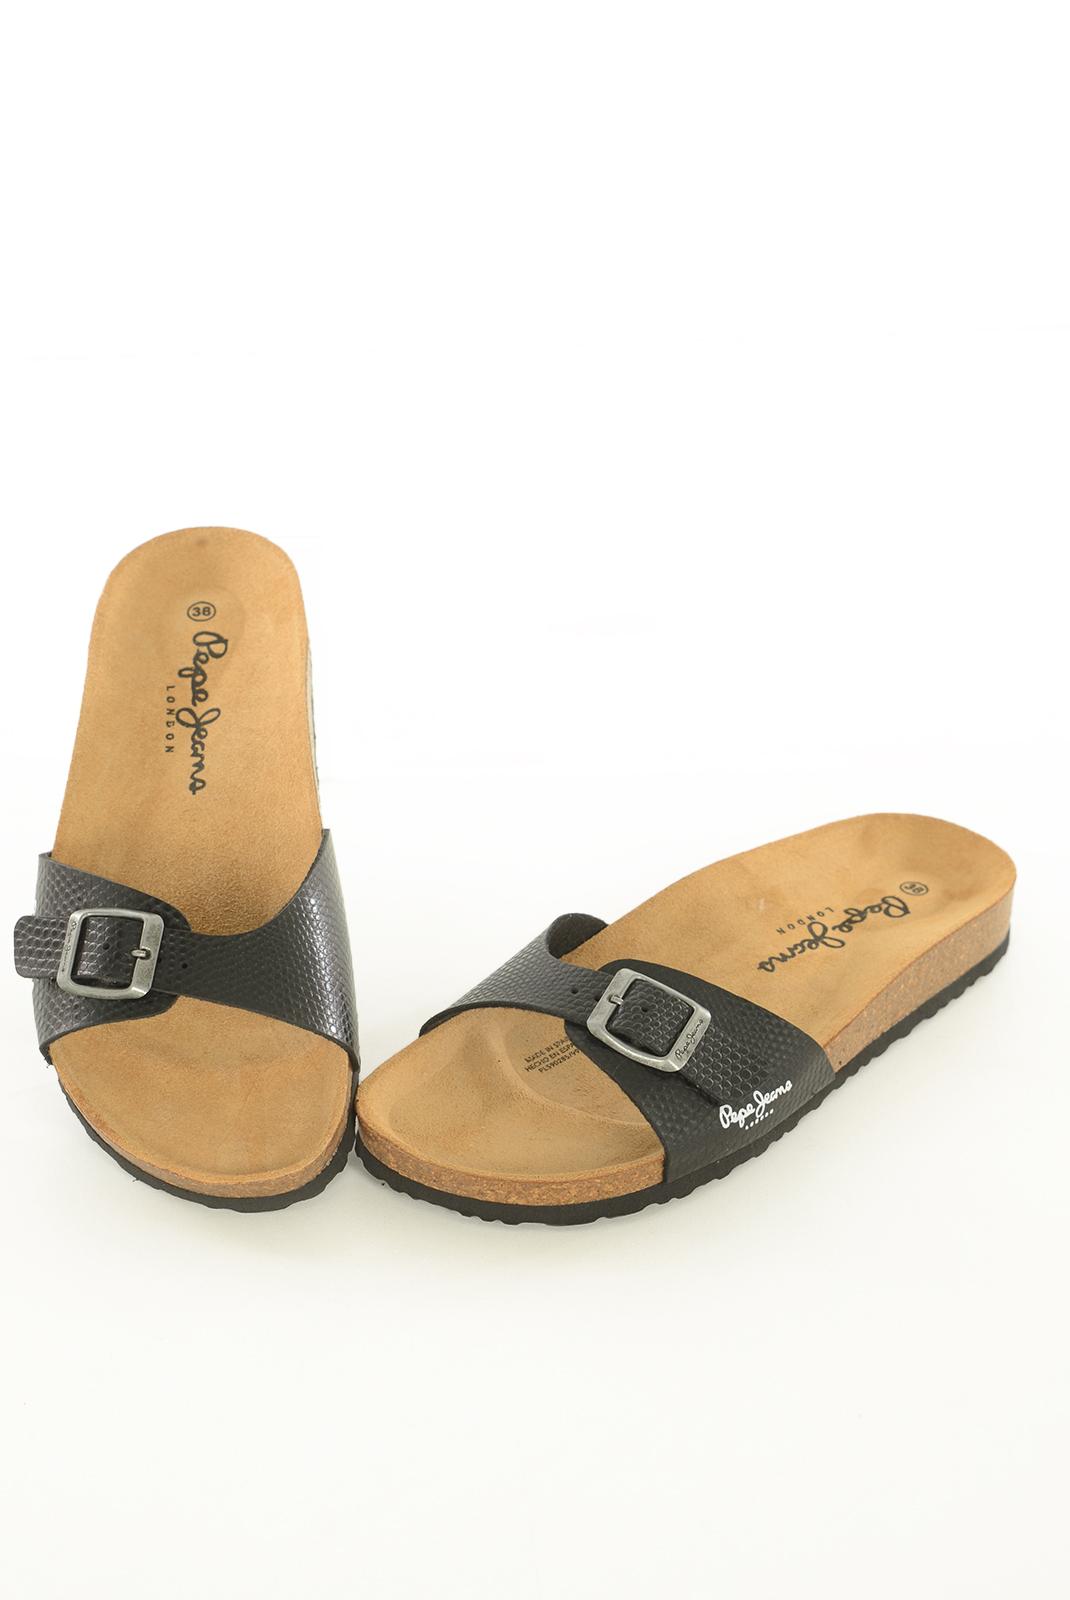 Tongs / Mules  Pepe jeans PLS90285 OBAN SKIPER 999 BLACK